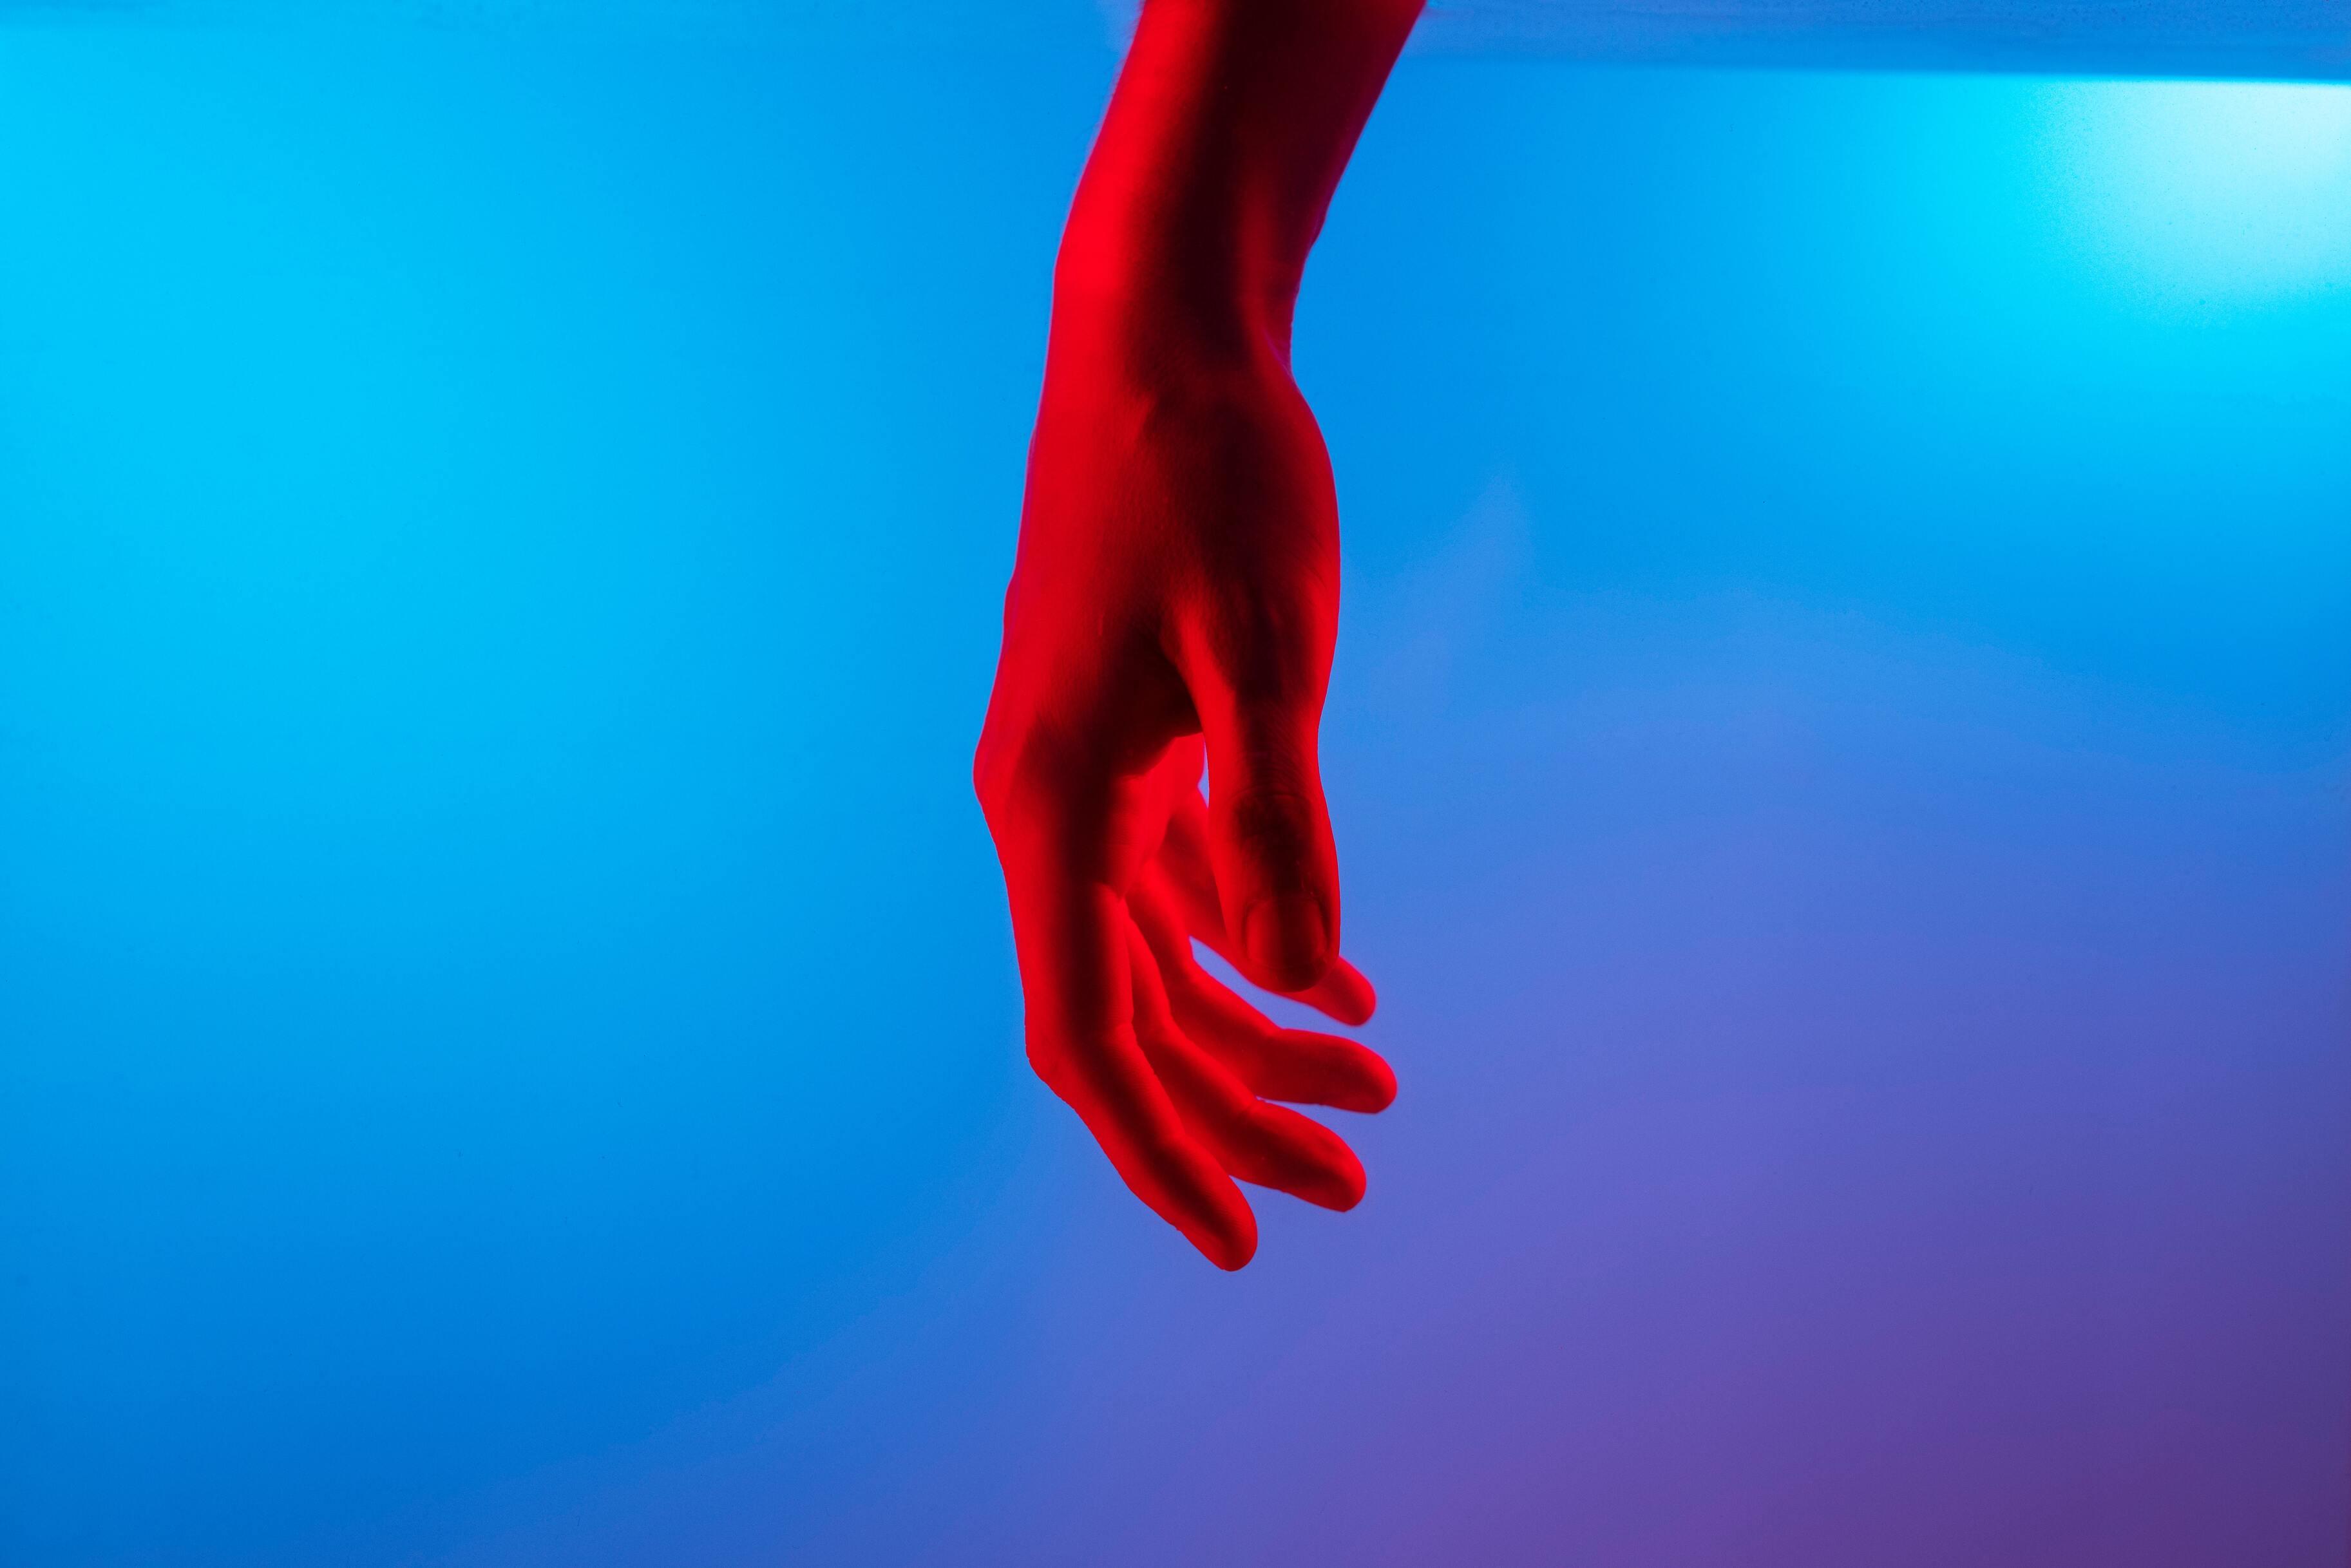 Искусственный интеллект научился предсказывать риск самоубийства для каждого человека